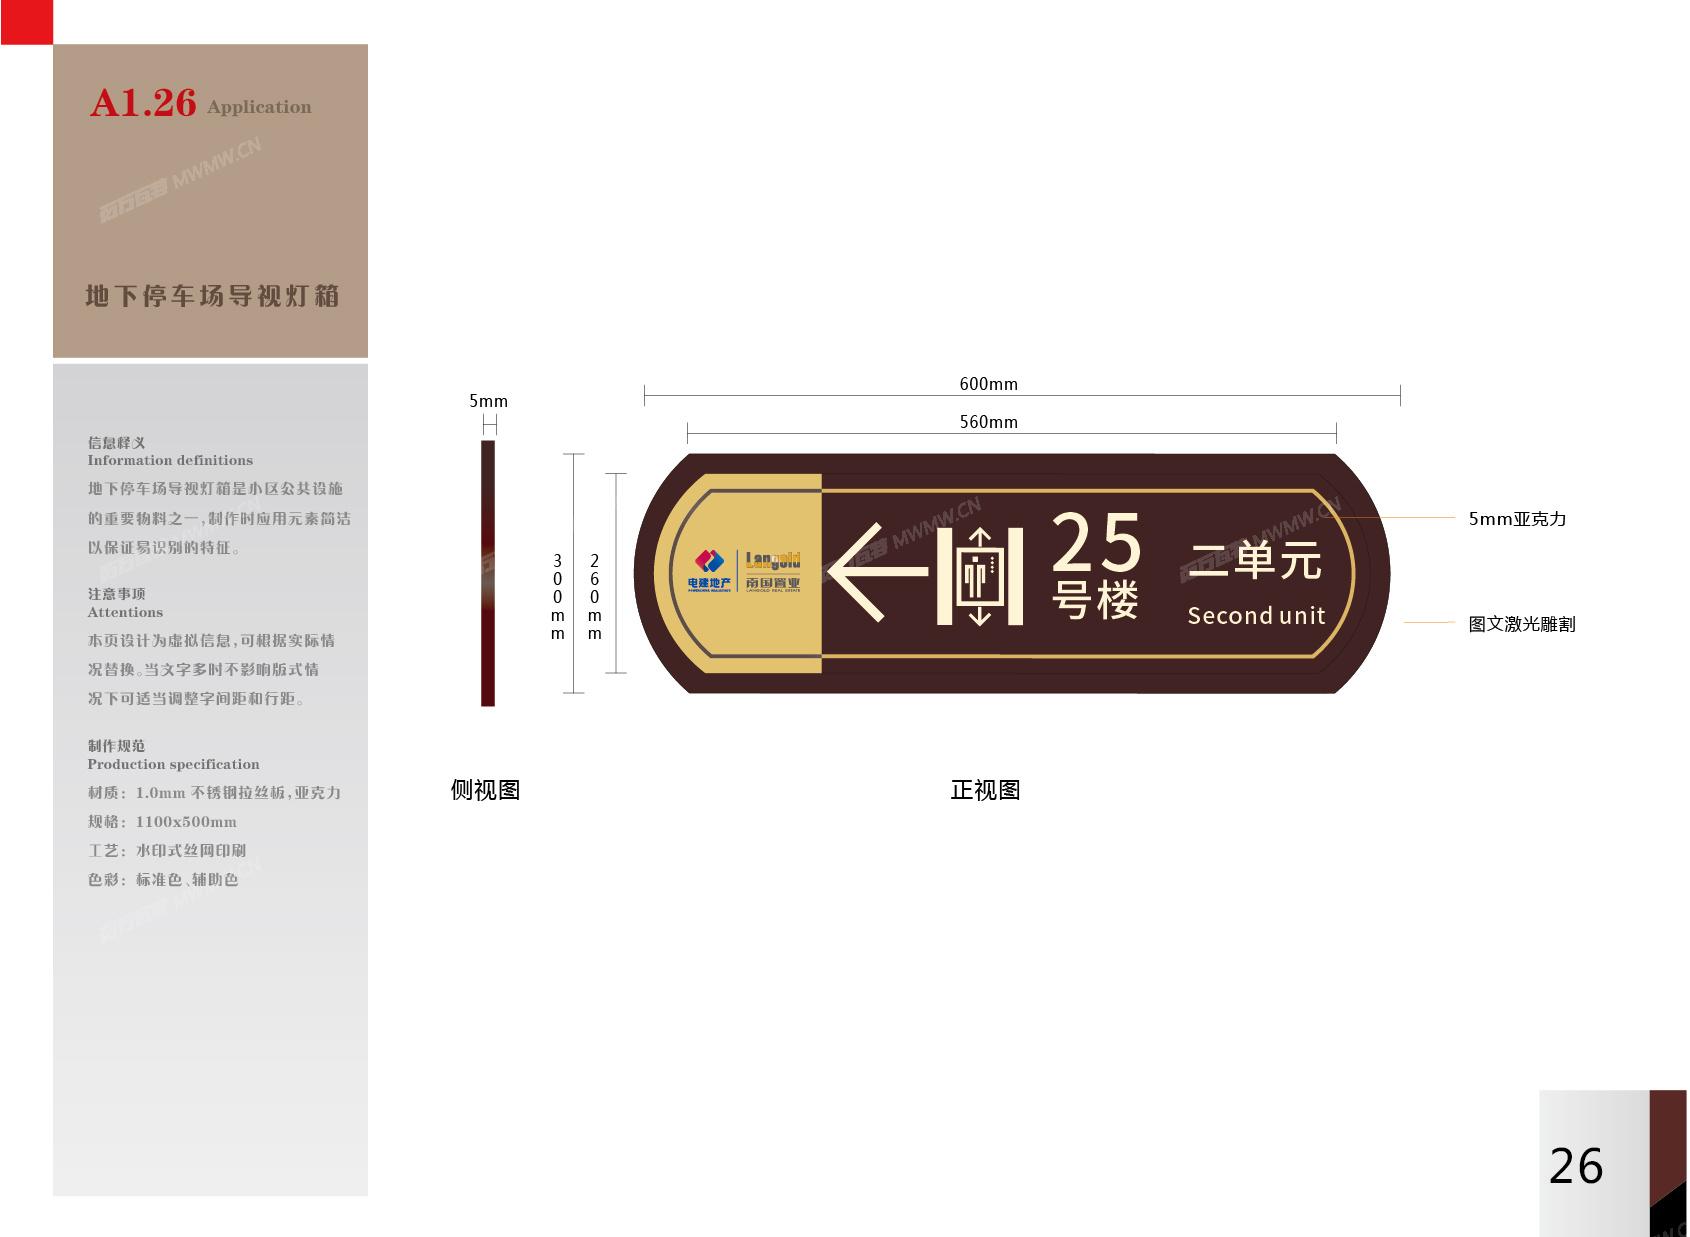 泷悦华府环境导视系统设计方案3.0cs520180112-28.jpg